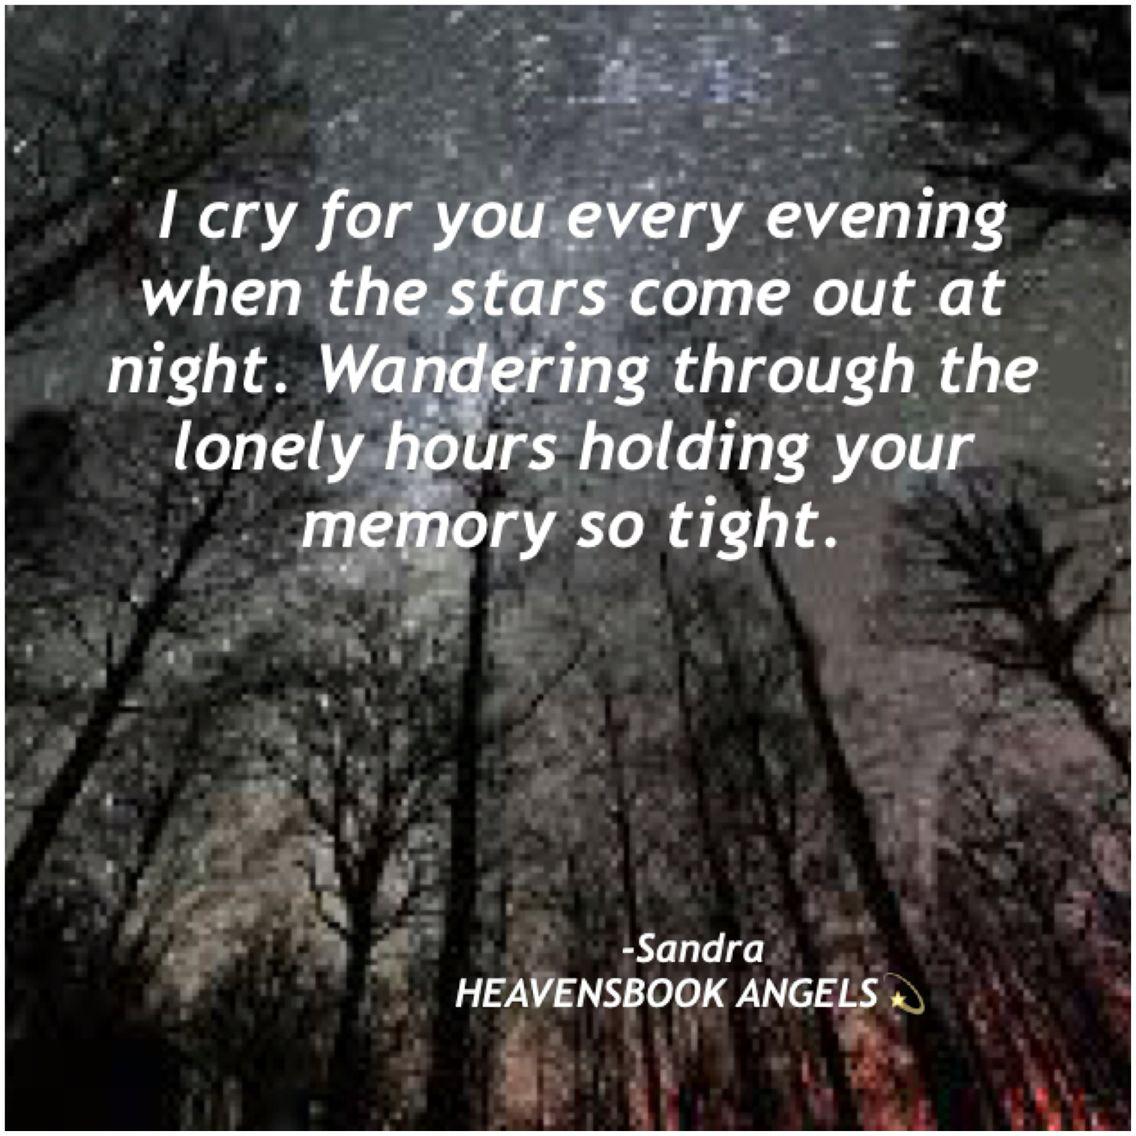 Written By Sandra Of HEAVENSBOOK